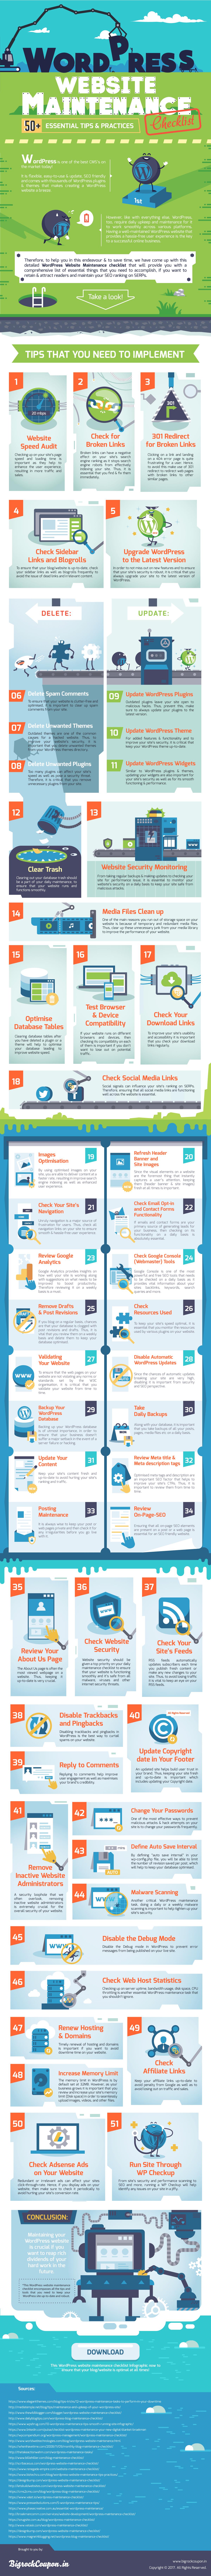 WordPress Website Maintenance Checklist: 50+ Essential Tips & Practices